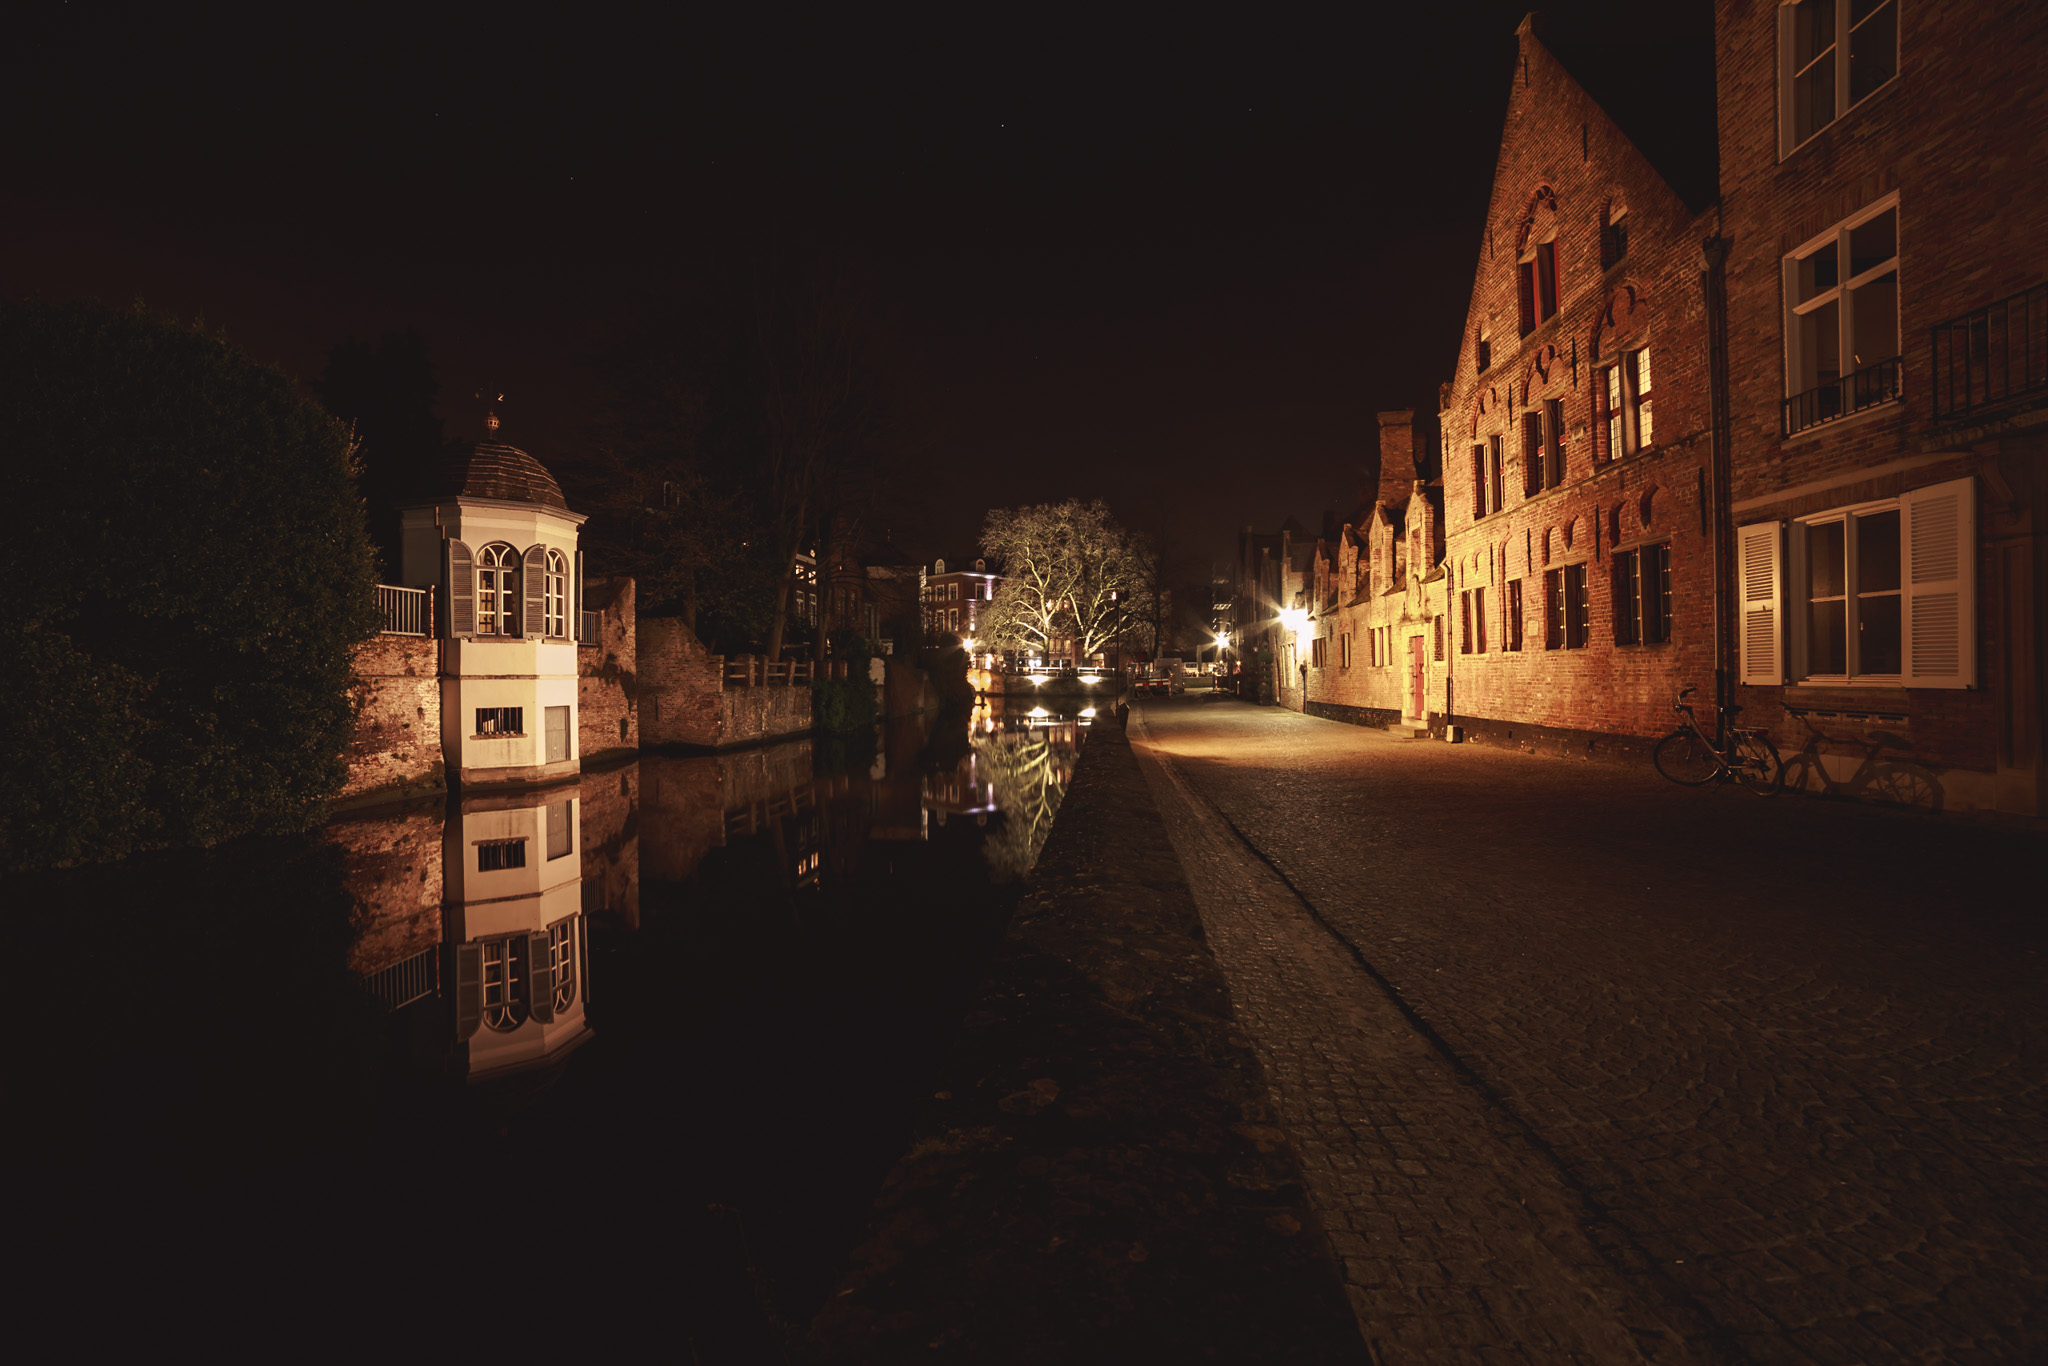 Leseraum in Brugge, Belgium